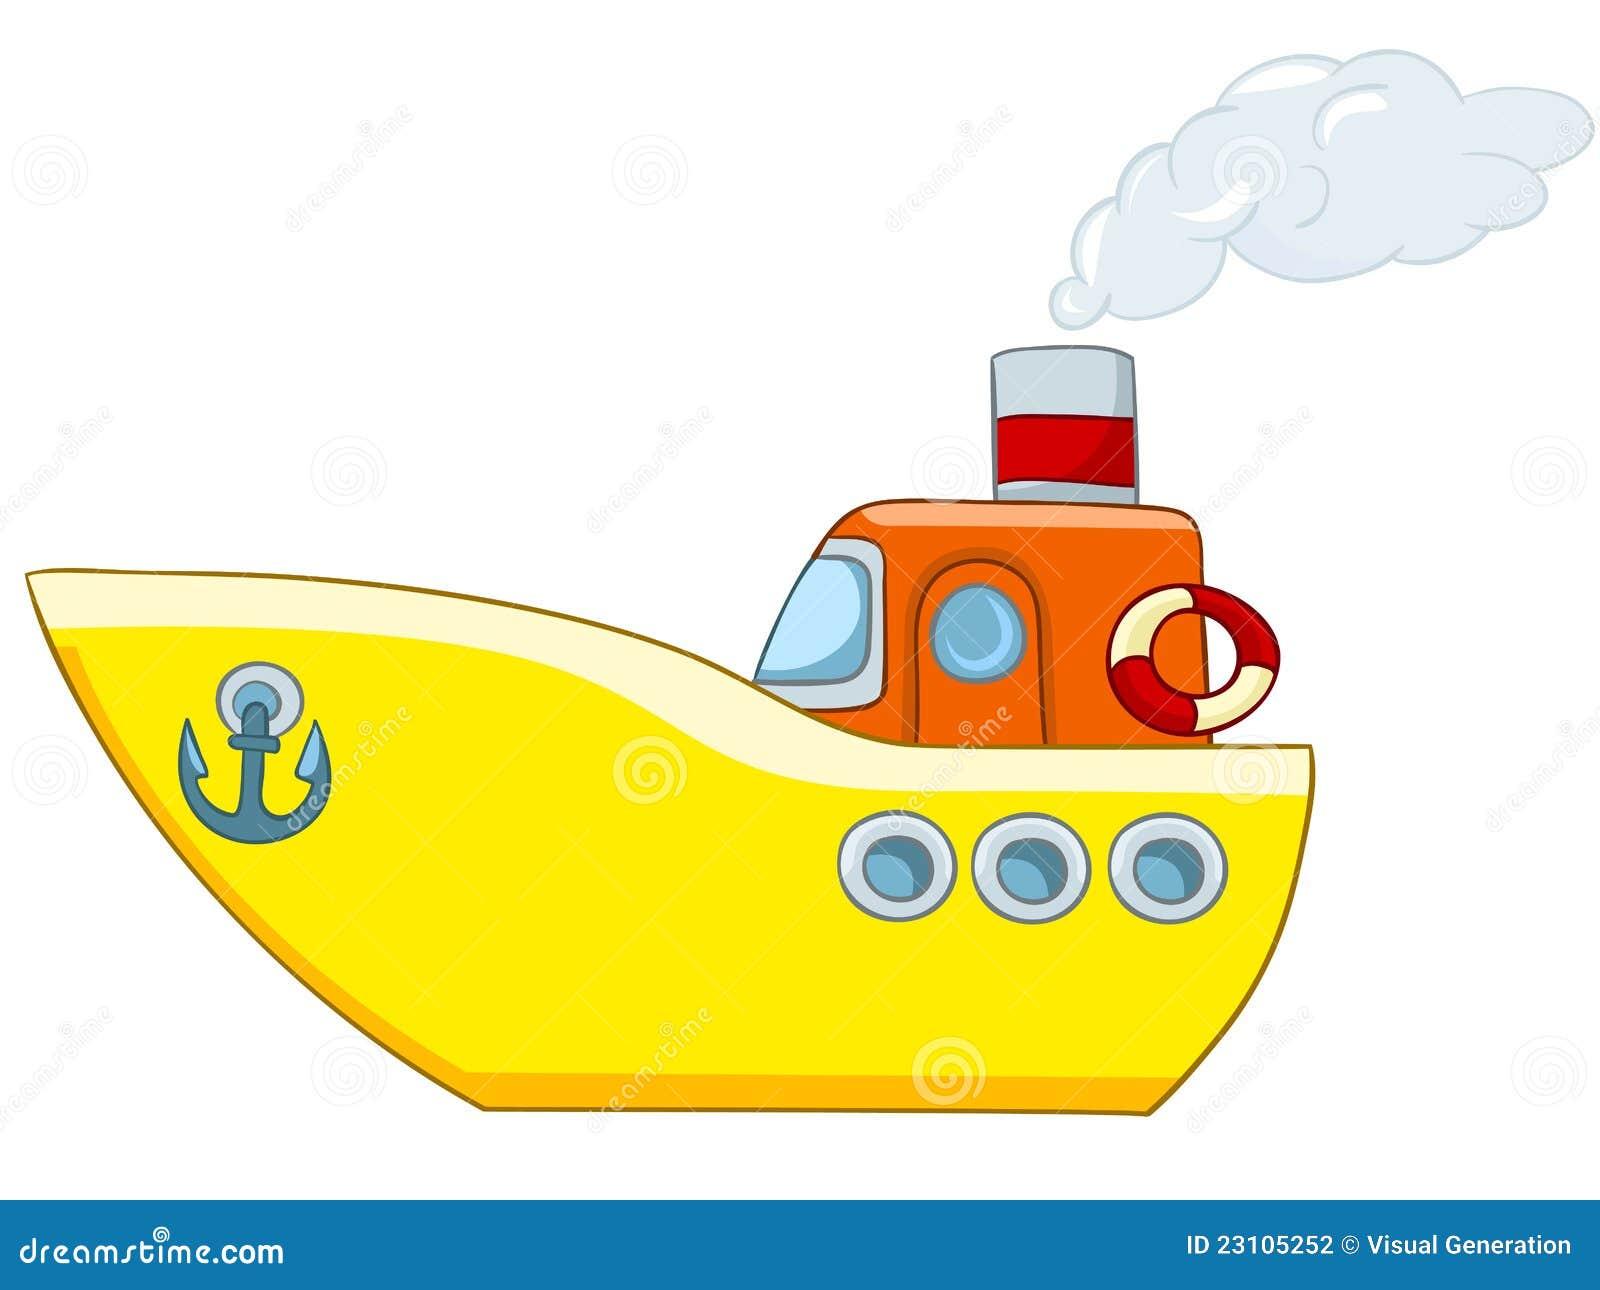 Cartoon Illustration Ship Isolated on White Background.